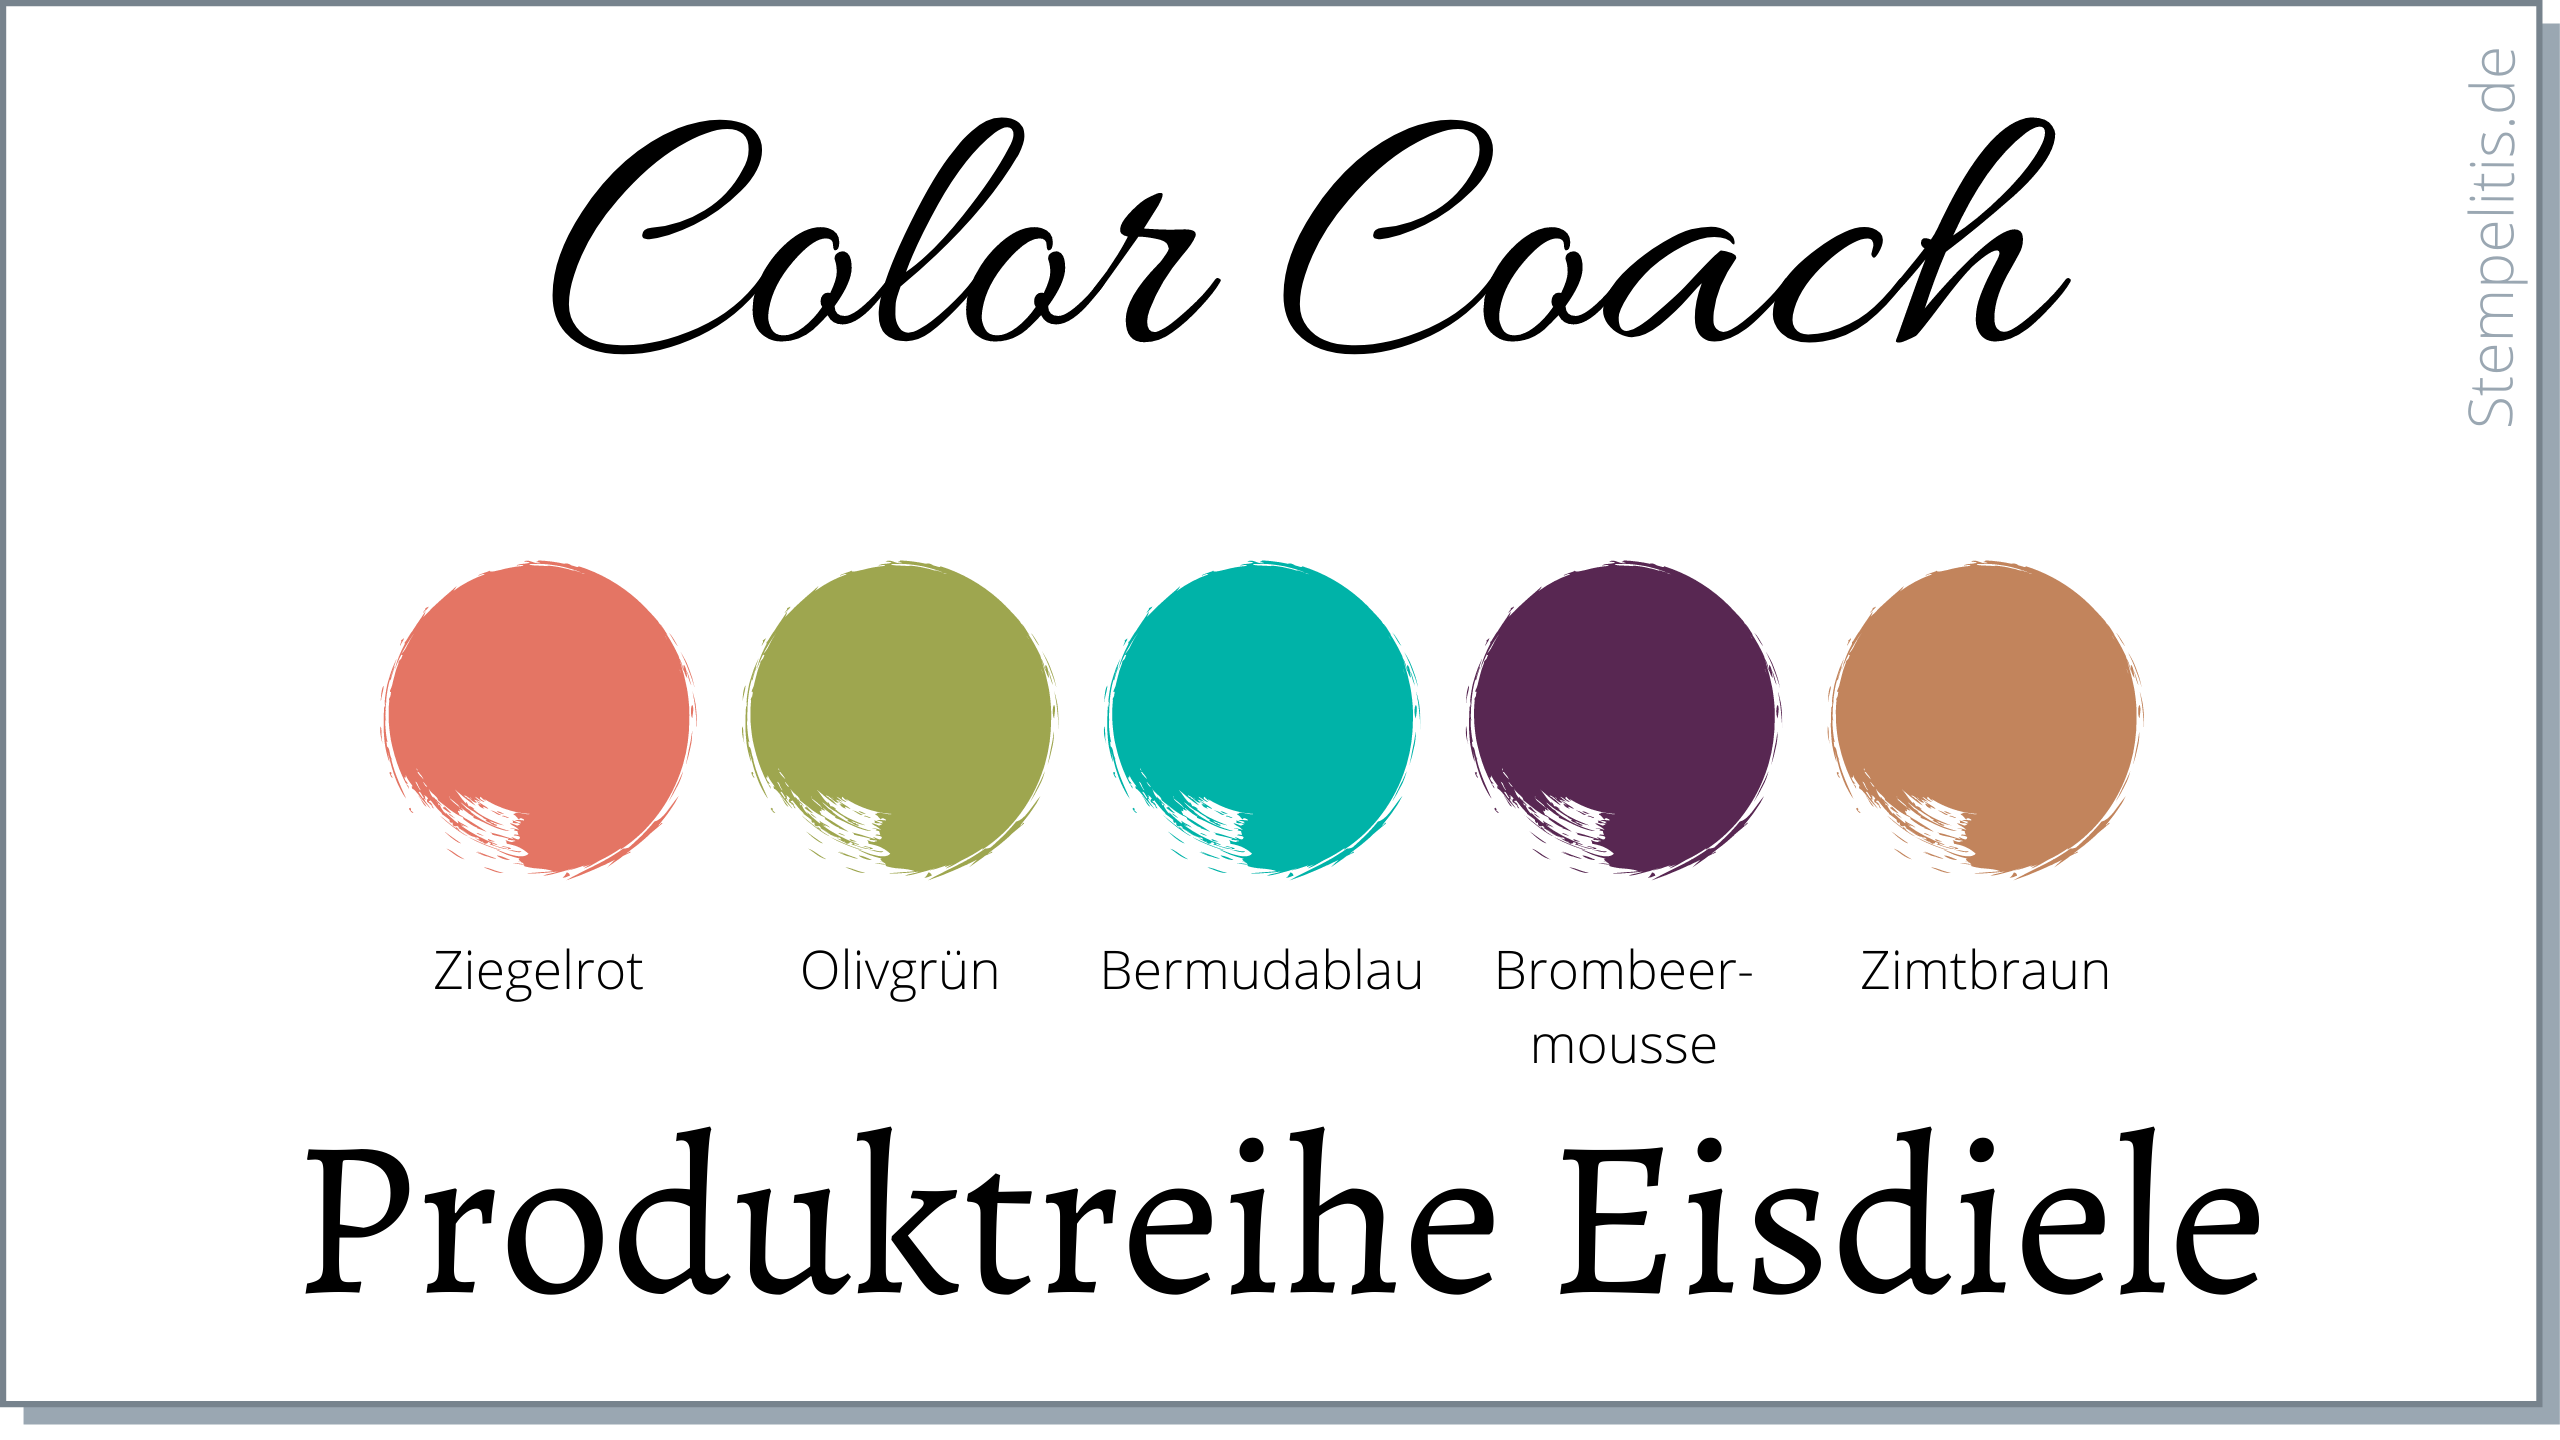 Color Coach Eisdiele